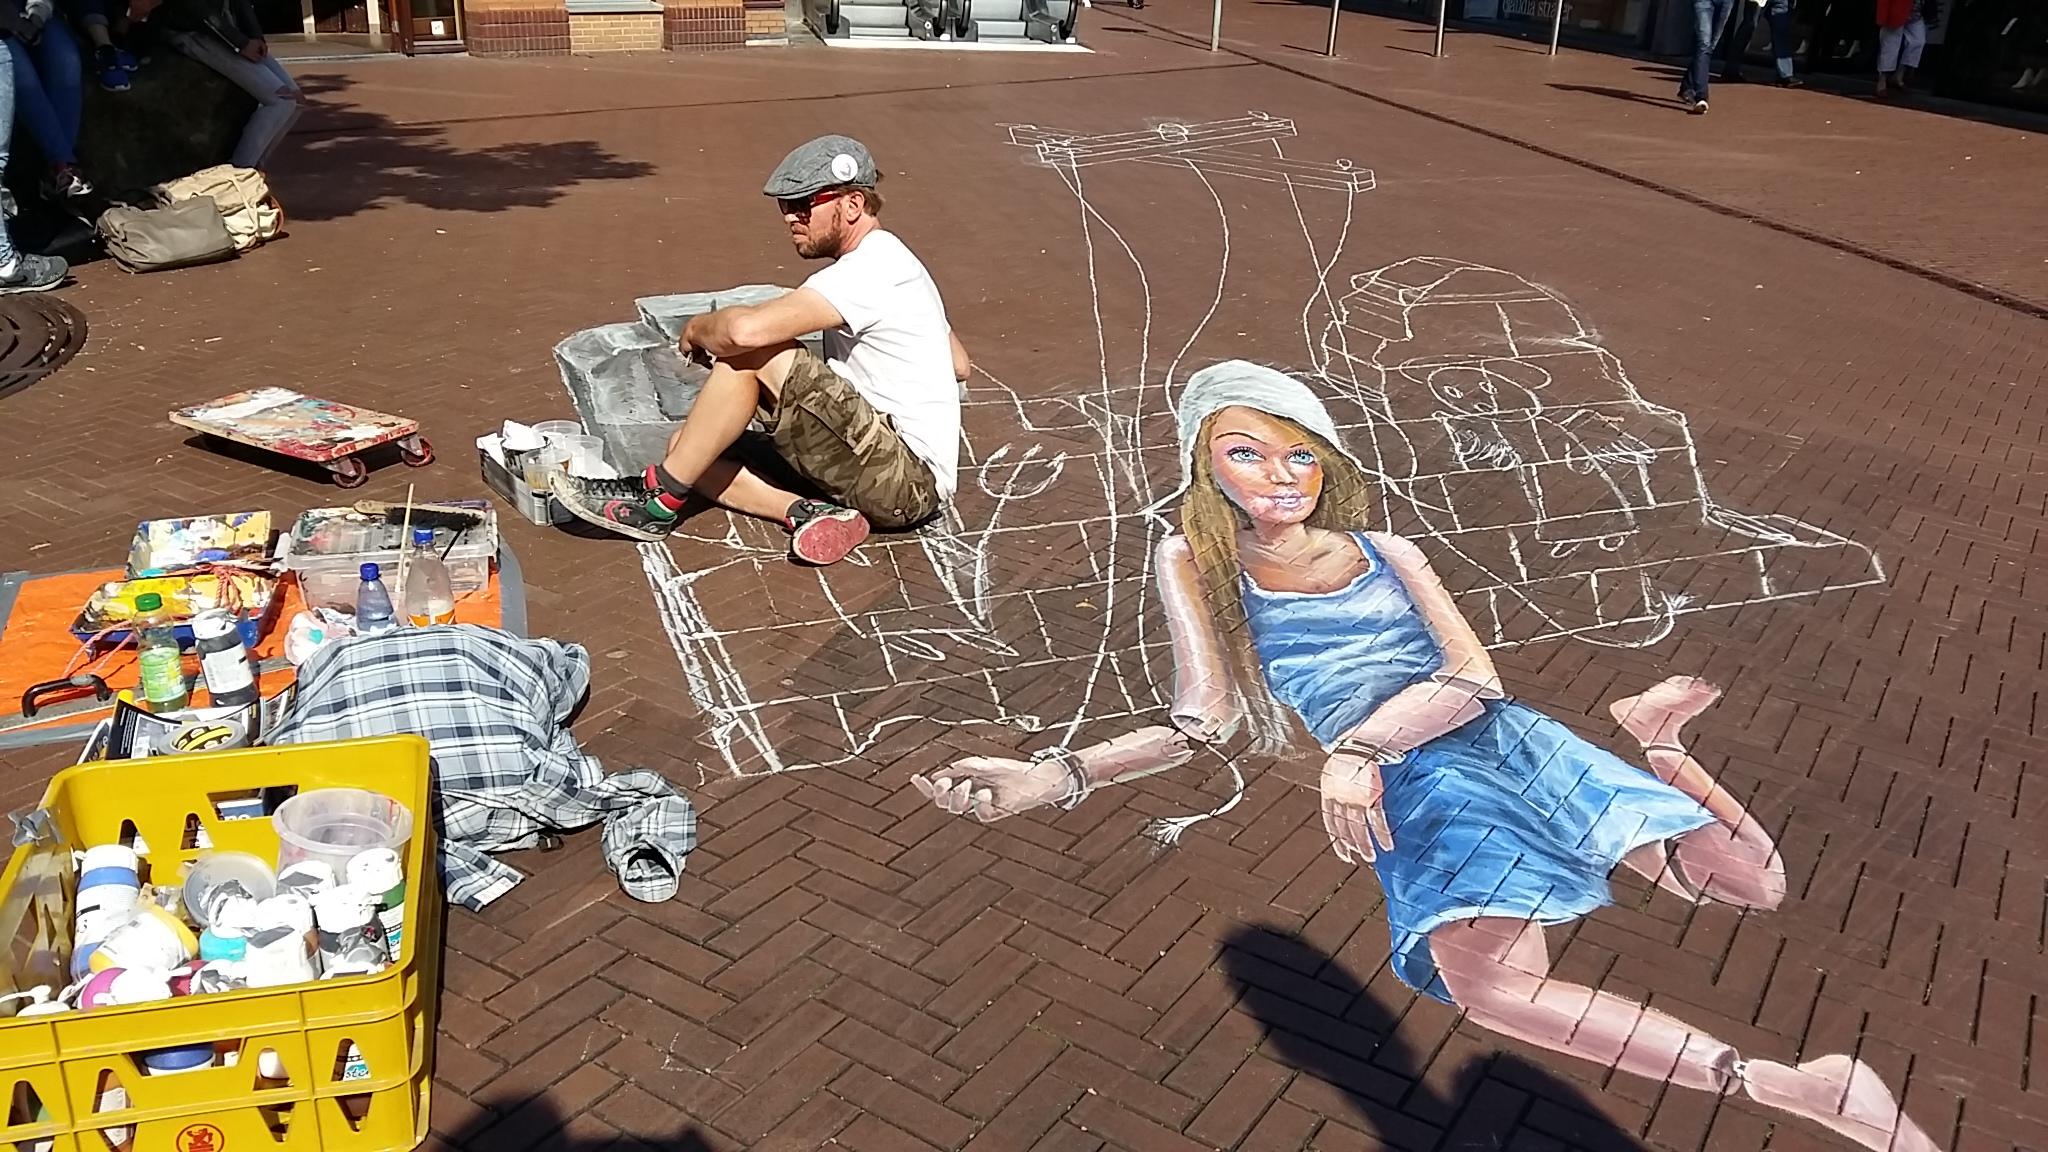 leon keer maakt Mariken van Nieumeghen voor Marikenstraat Nijmegen tijdens The Big Sraw Nijmegen